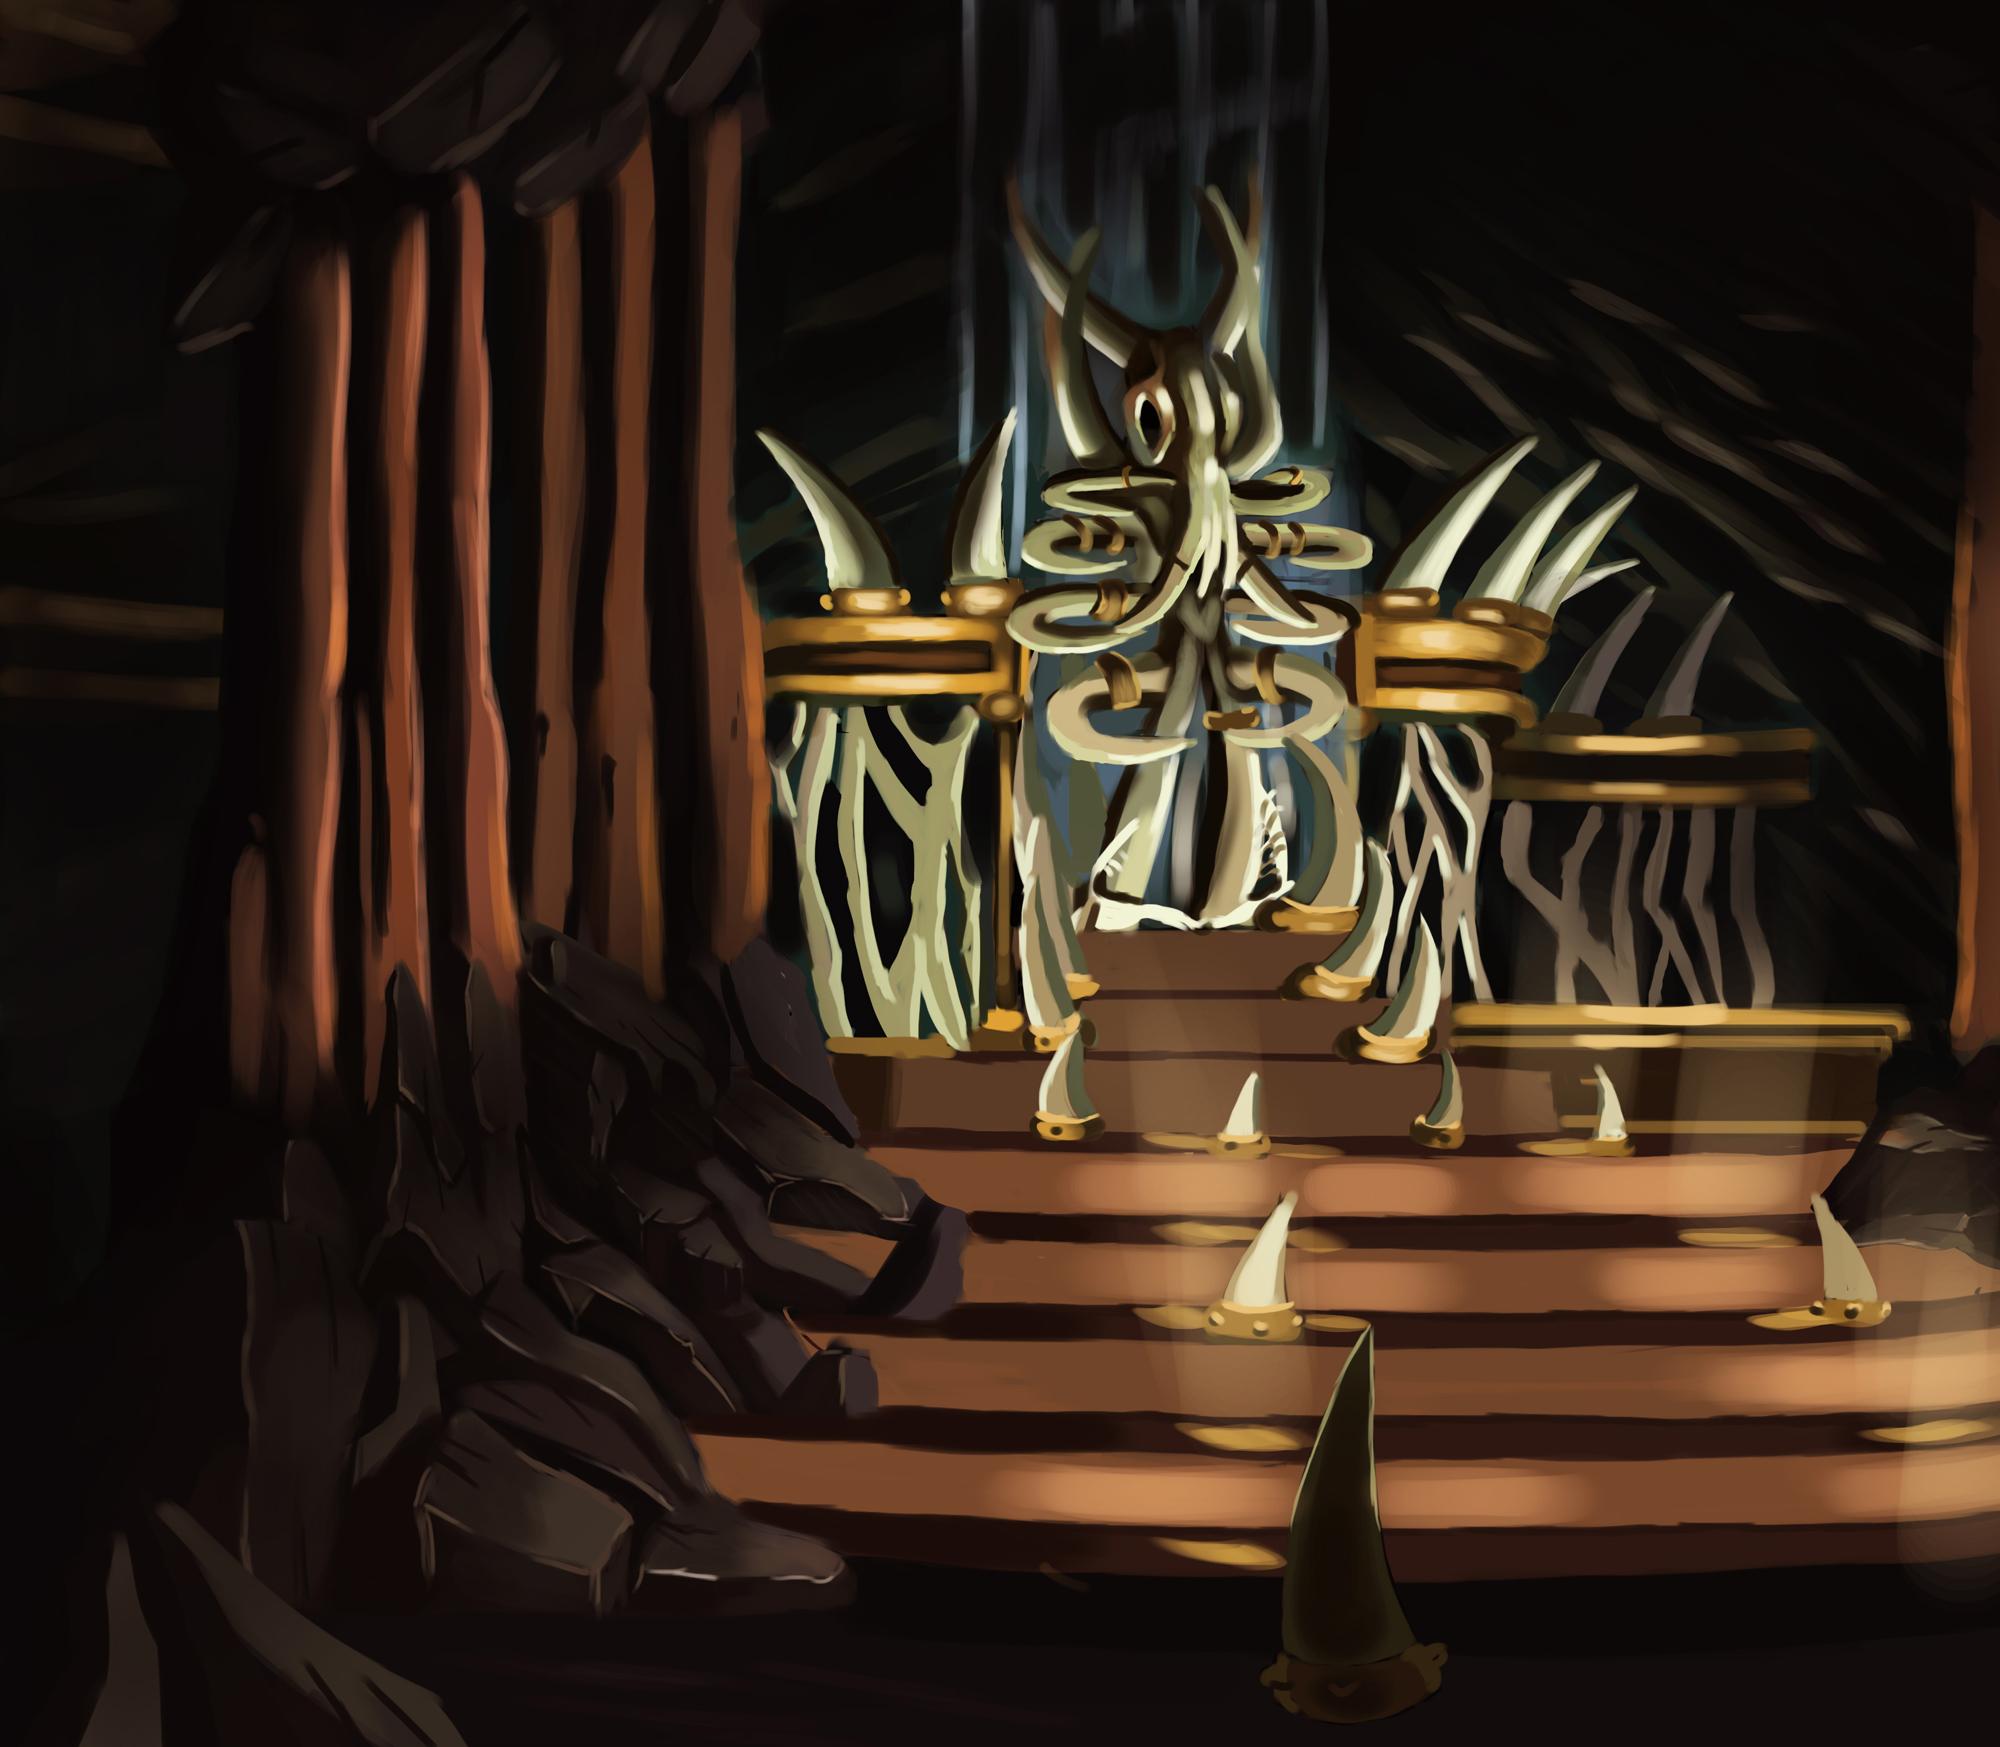 {$tags} Card promozionale, Silent King's Throne - by Michelle Alocci Planescape Torment Redesign Project (2020) © Scuola Internazionale di Comics Torino e dell'autore, tutti i diritti riservati